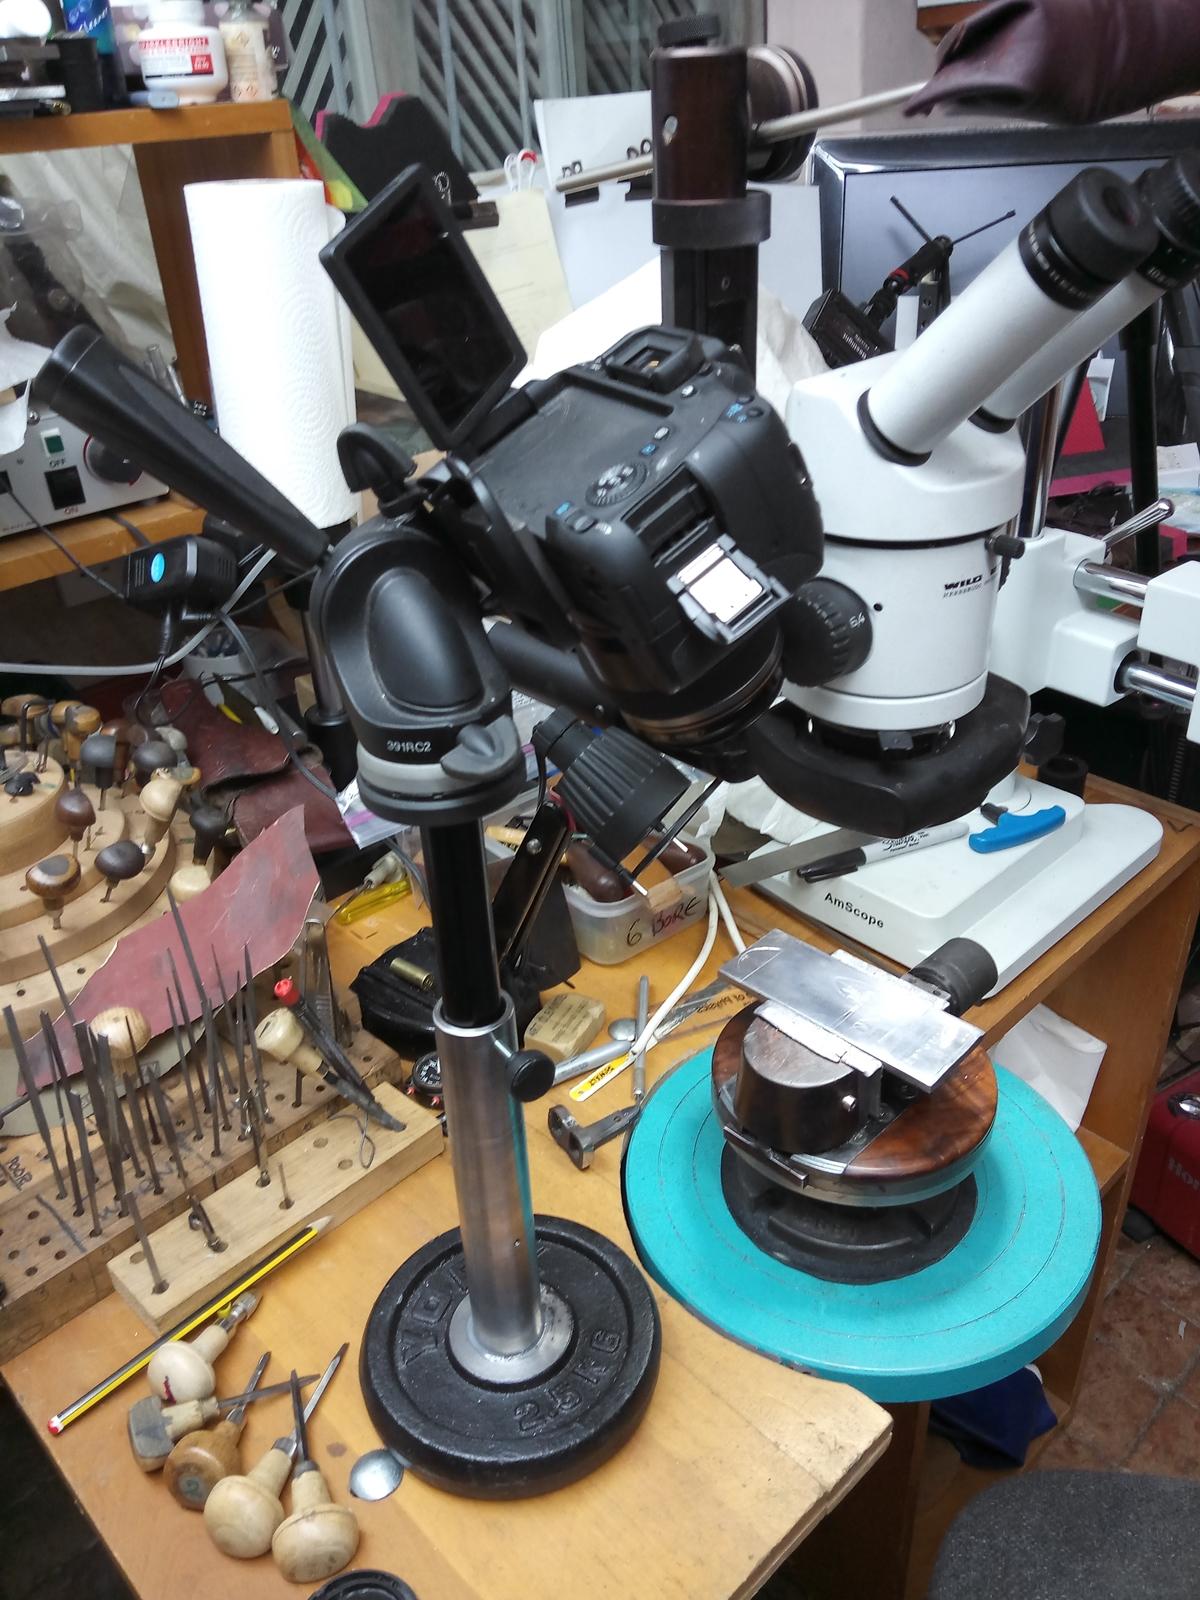 Hand & Power Tool Accessories Hss Straight Shank 4mm Twist Head 300mm Long Drill Bit Silver Tone Genteel Hho Drill Bits